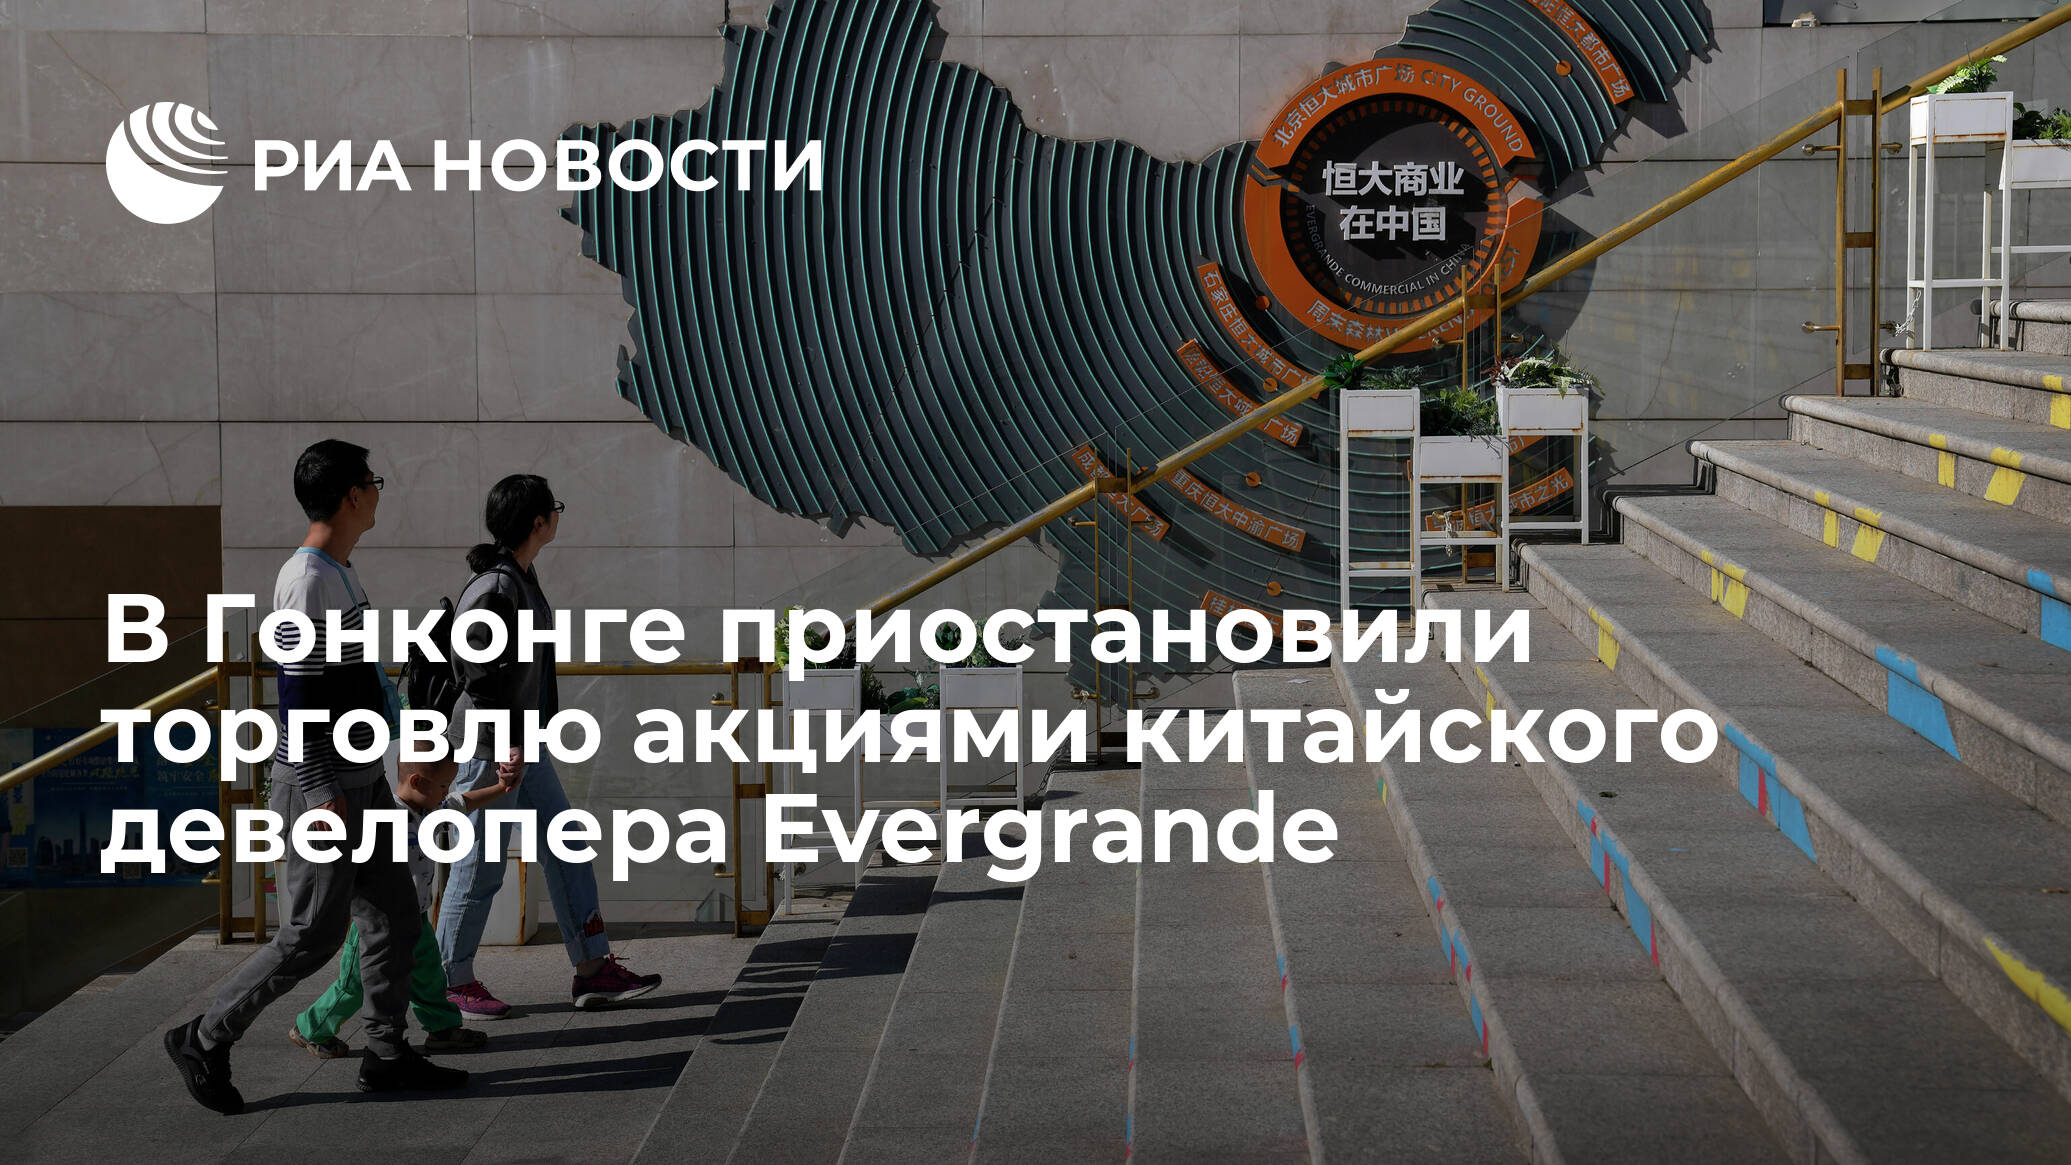 В Гонконге приостановили торговлю акциями китайского девелопера Evergrande